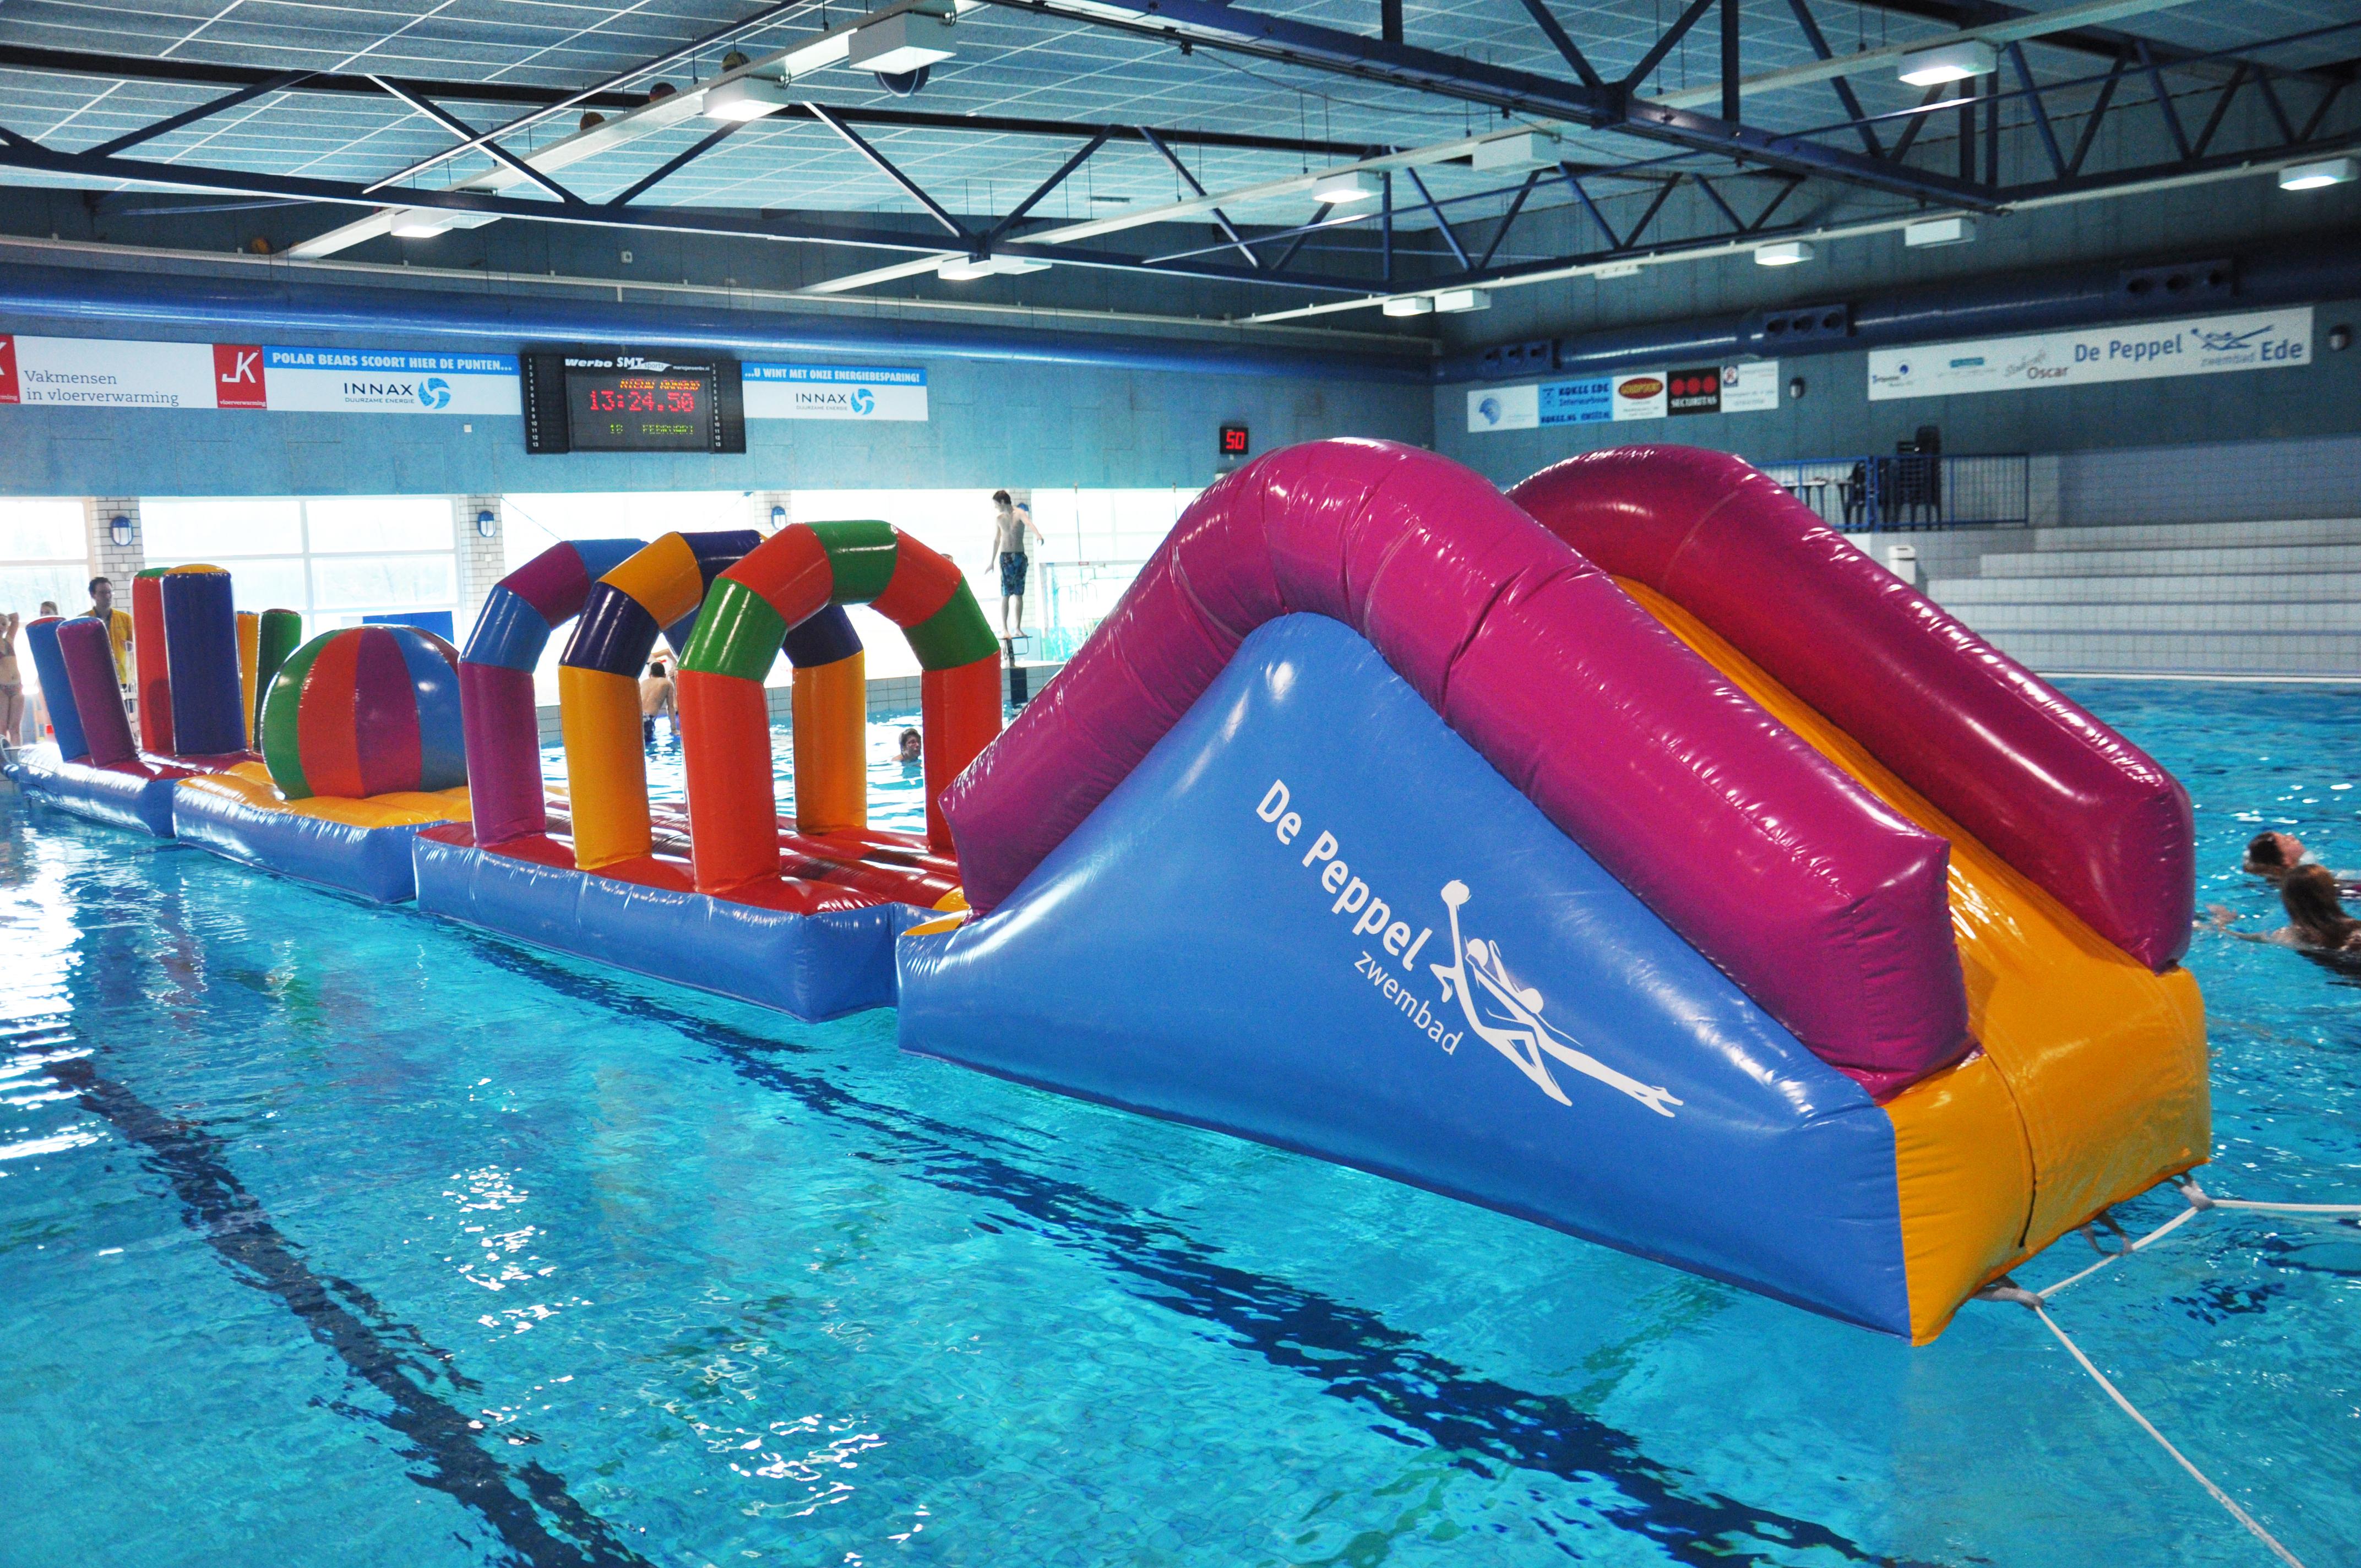 Zwembad De Peppel.Familiezwemmen Recreatief Tarief Zwembad De Peppel